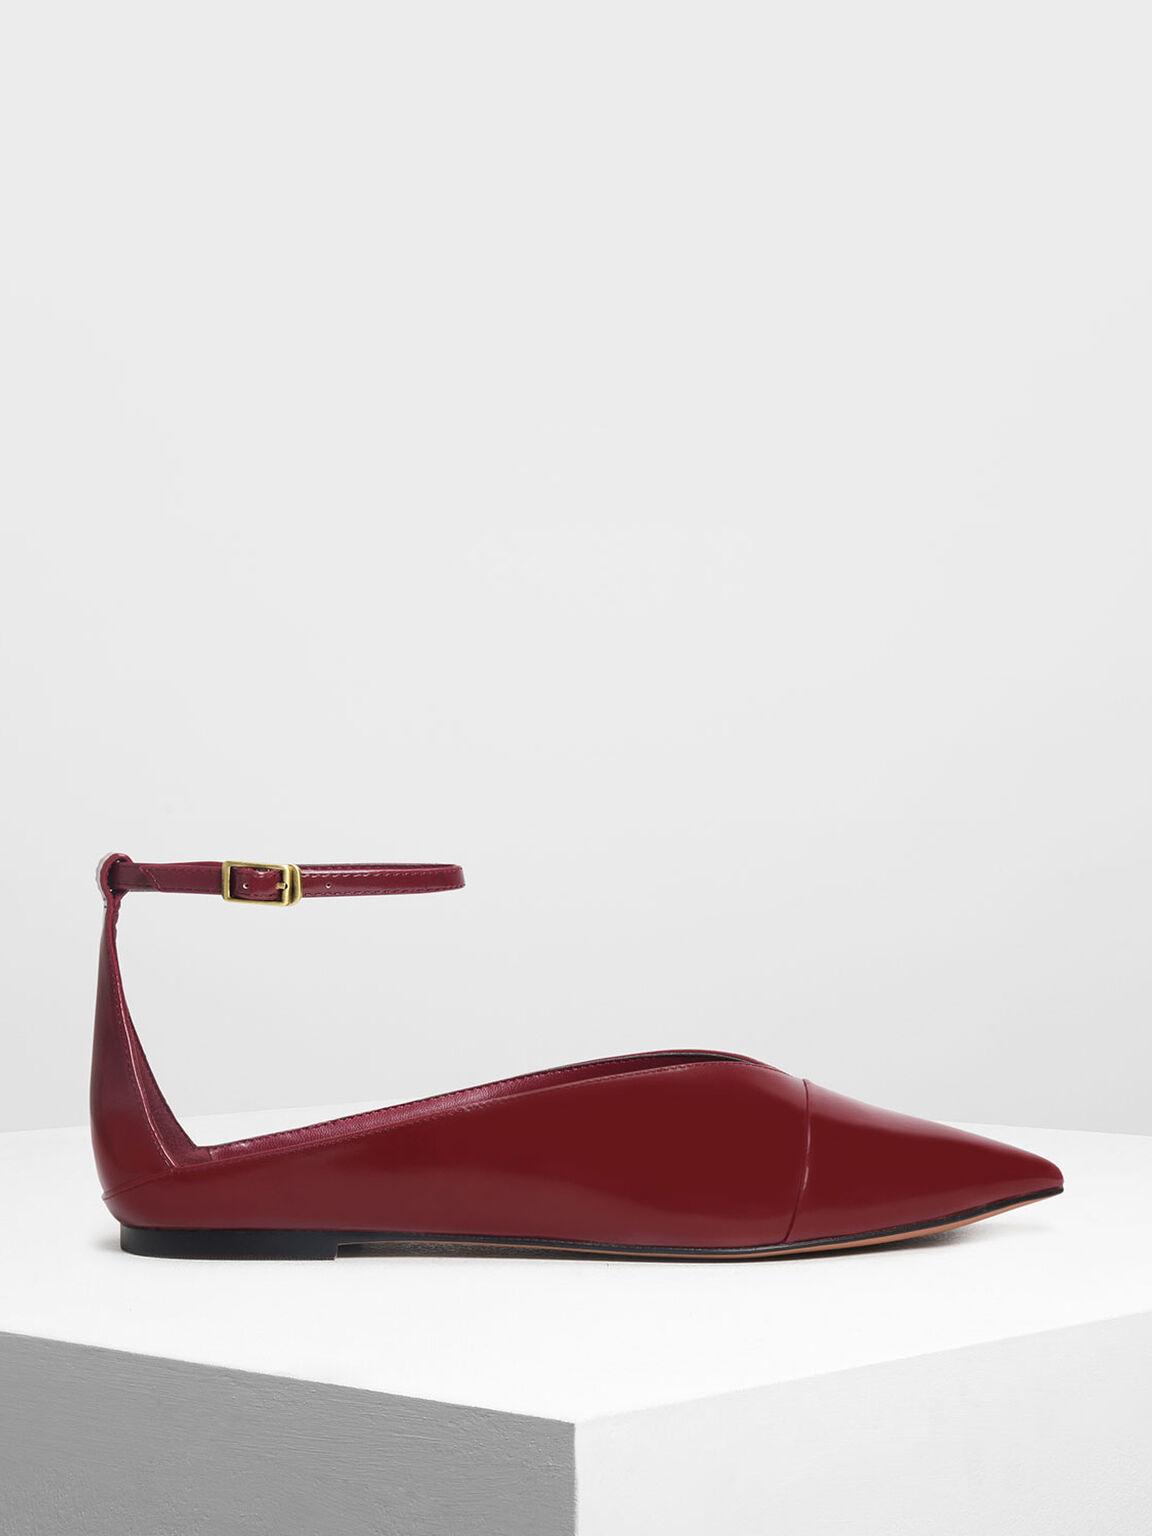 V Topline Ankle Strap Flats, Burgundy, hi-res